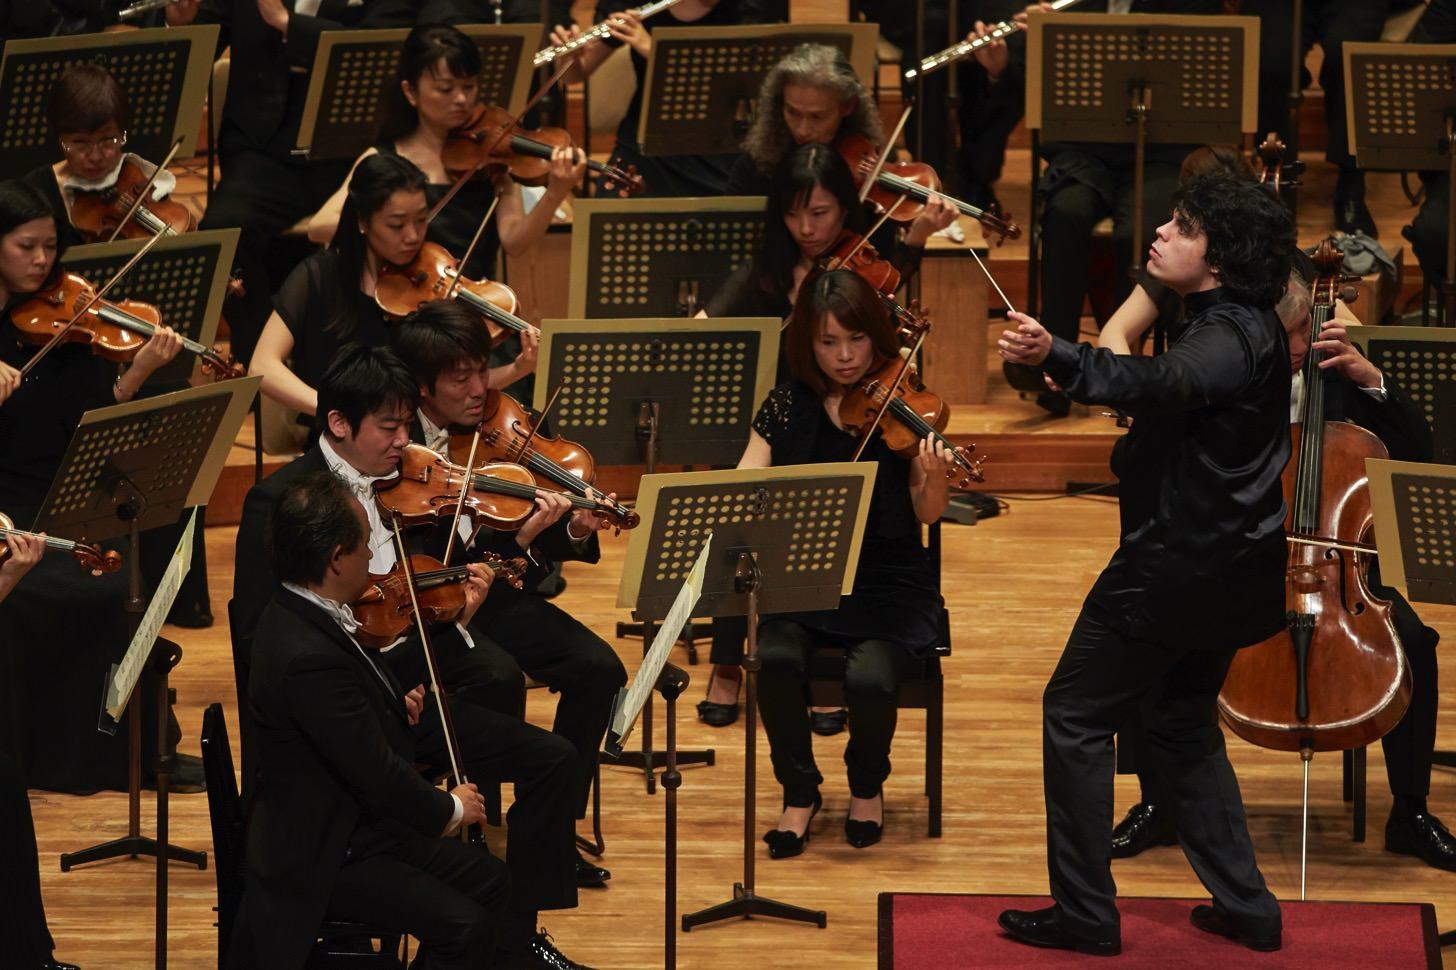 ベートーベン第九を指揮するアンドレア・バッティストーニさん